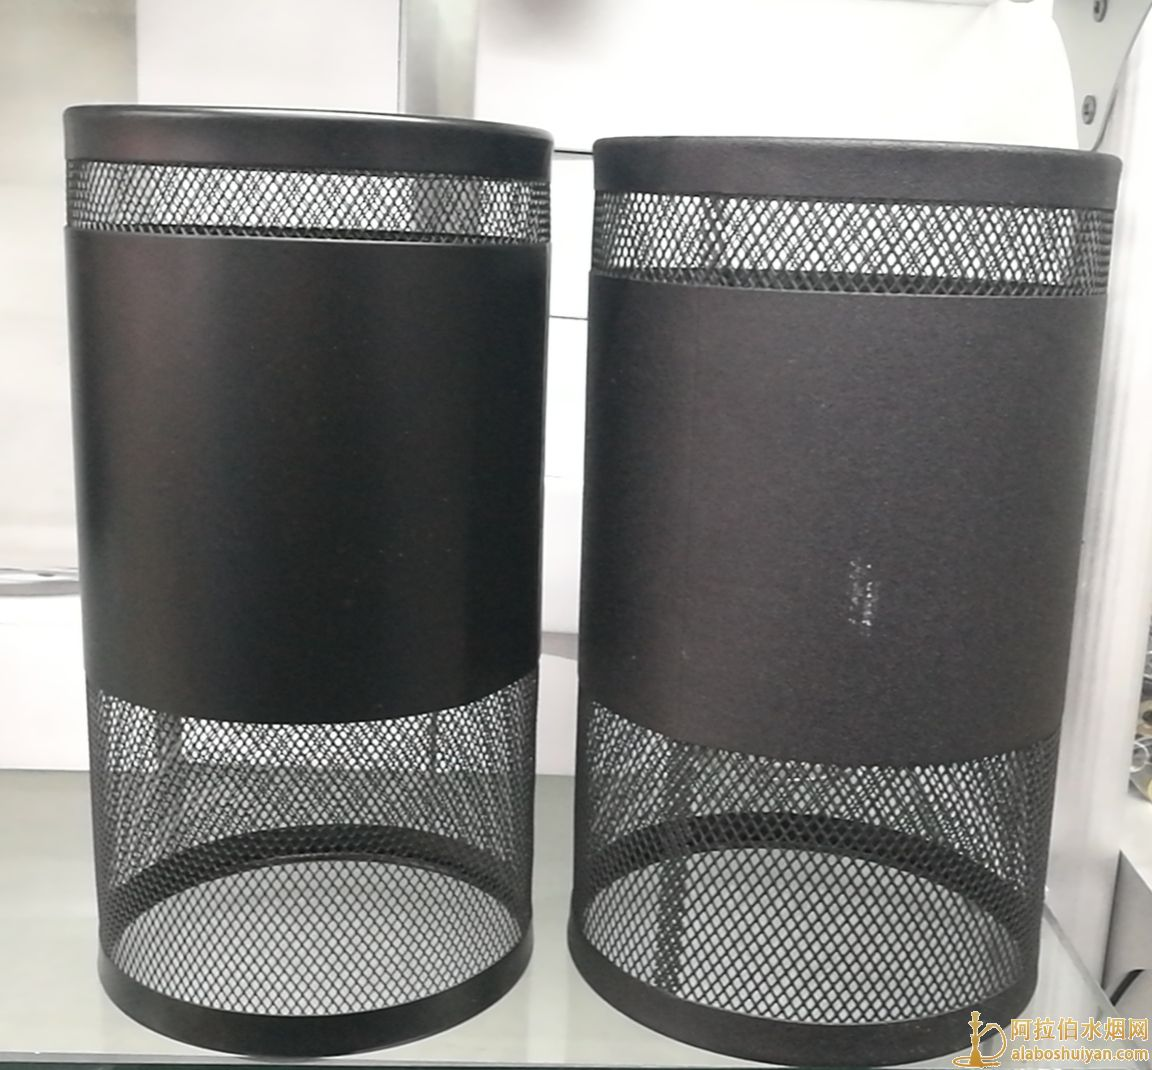 黑色带贴片网状高档防风罩图片价格批发多少钱